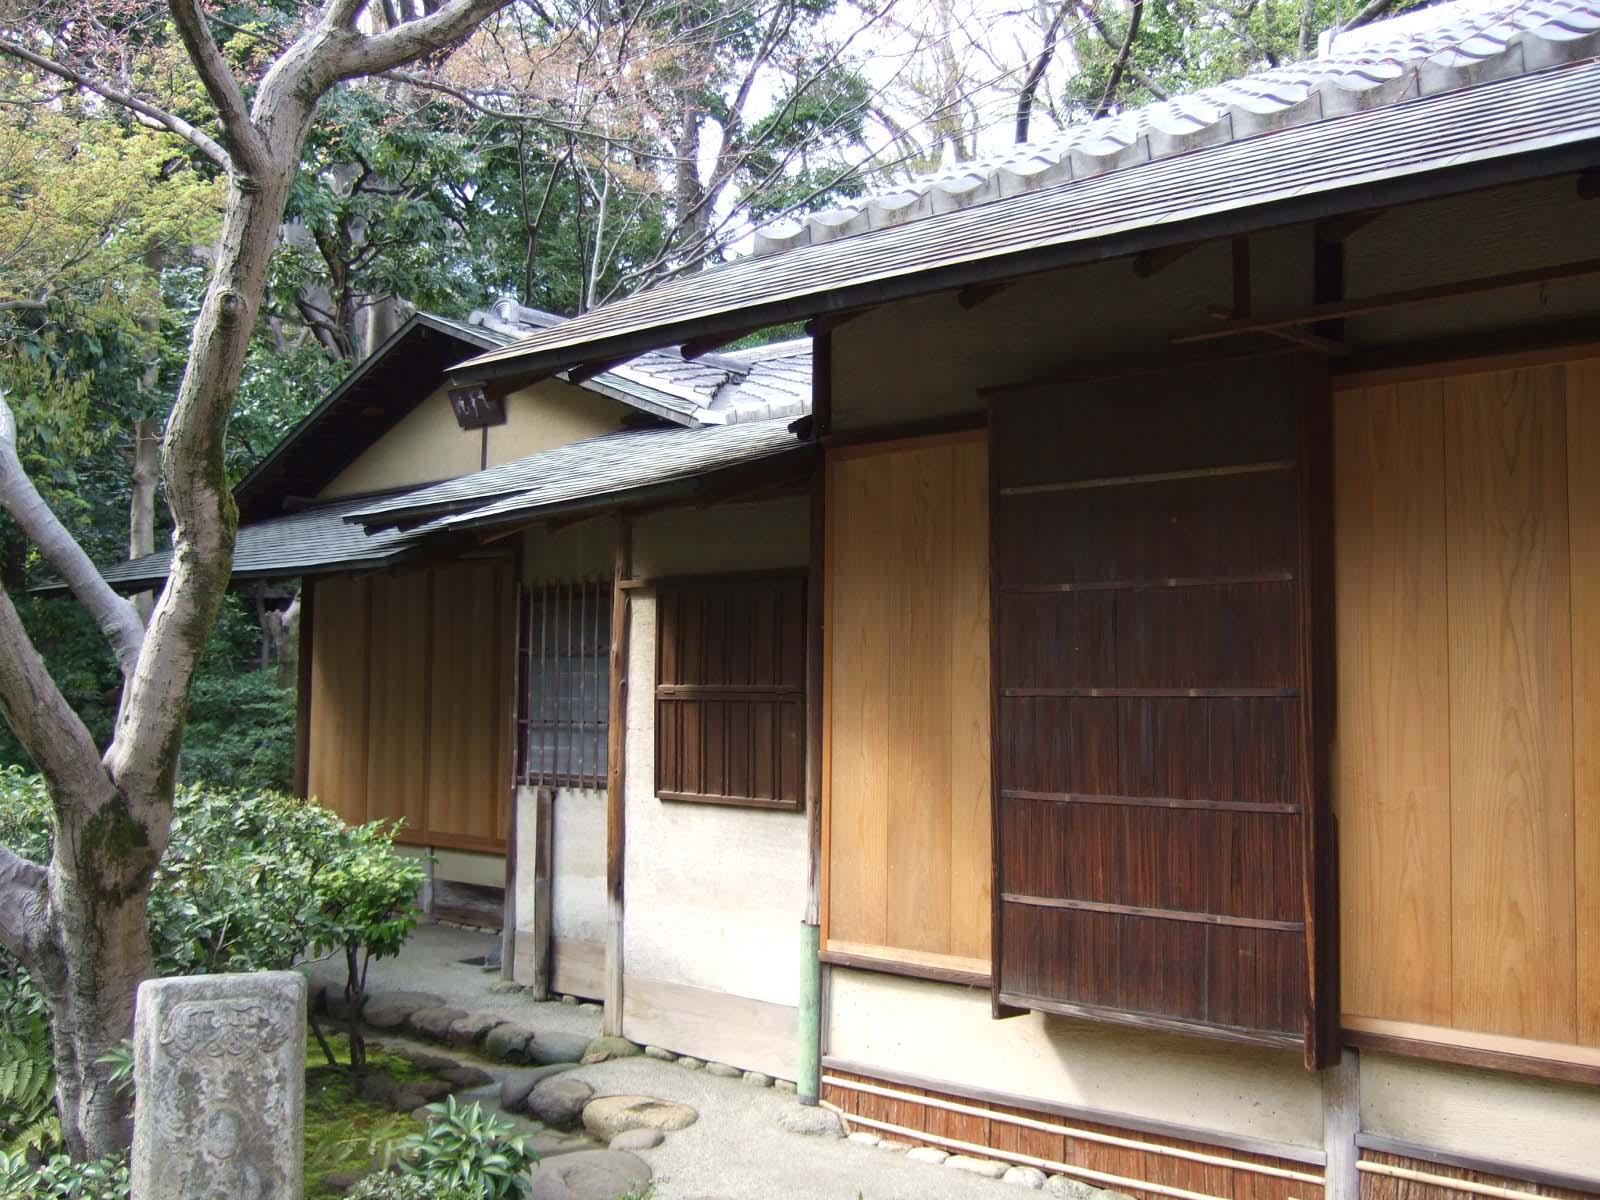 茶室,古民家,根津美術館,東京〈著作権フリー無料画像〉Free Stock Photos